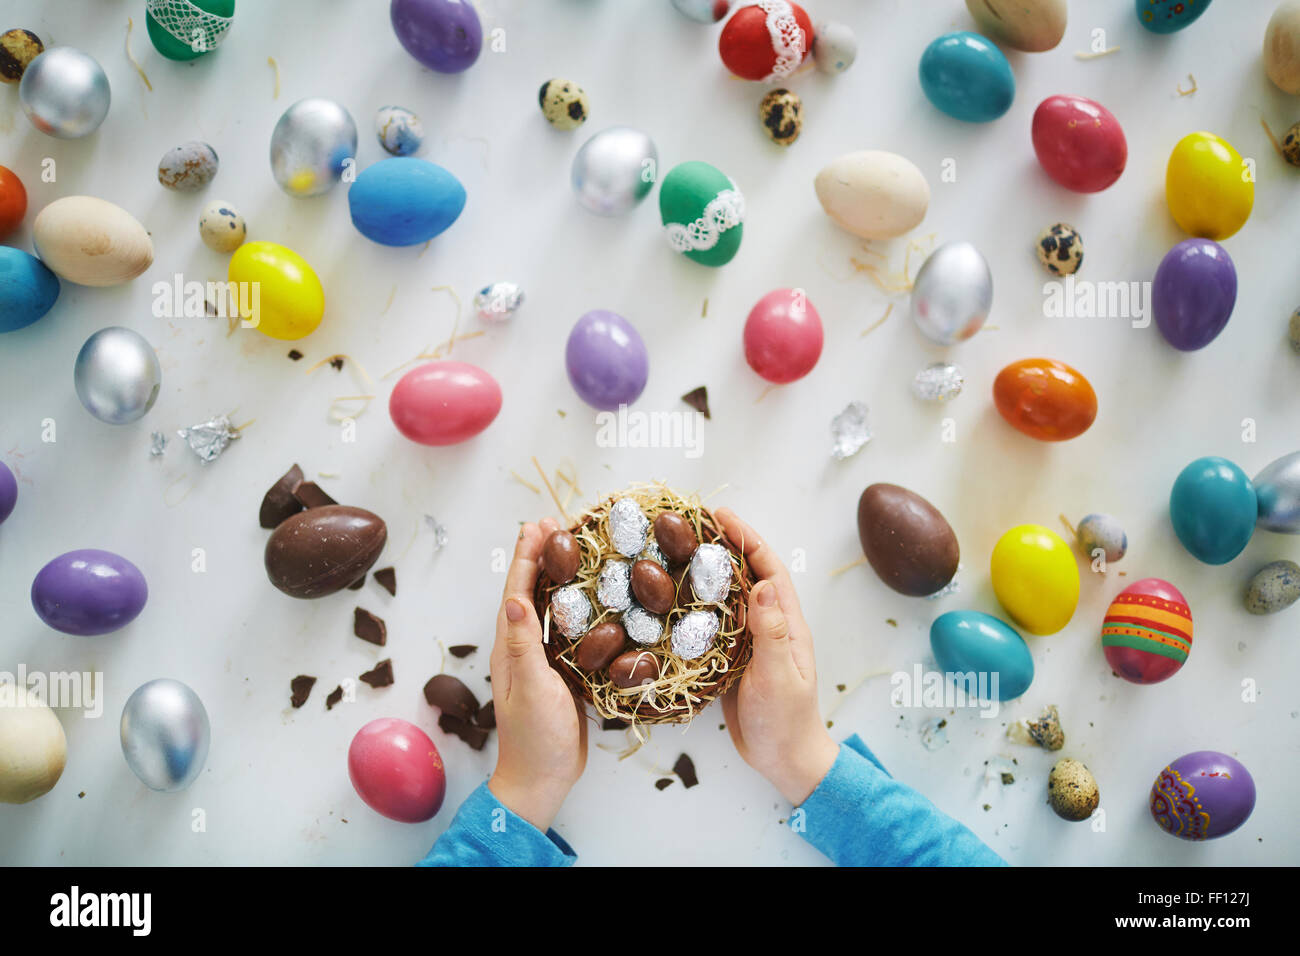 Manos de explotación infantil pequeño nido o cesta con chocolate huevos de Pascua pintados más queridos Foto de stock